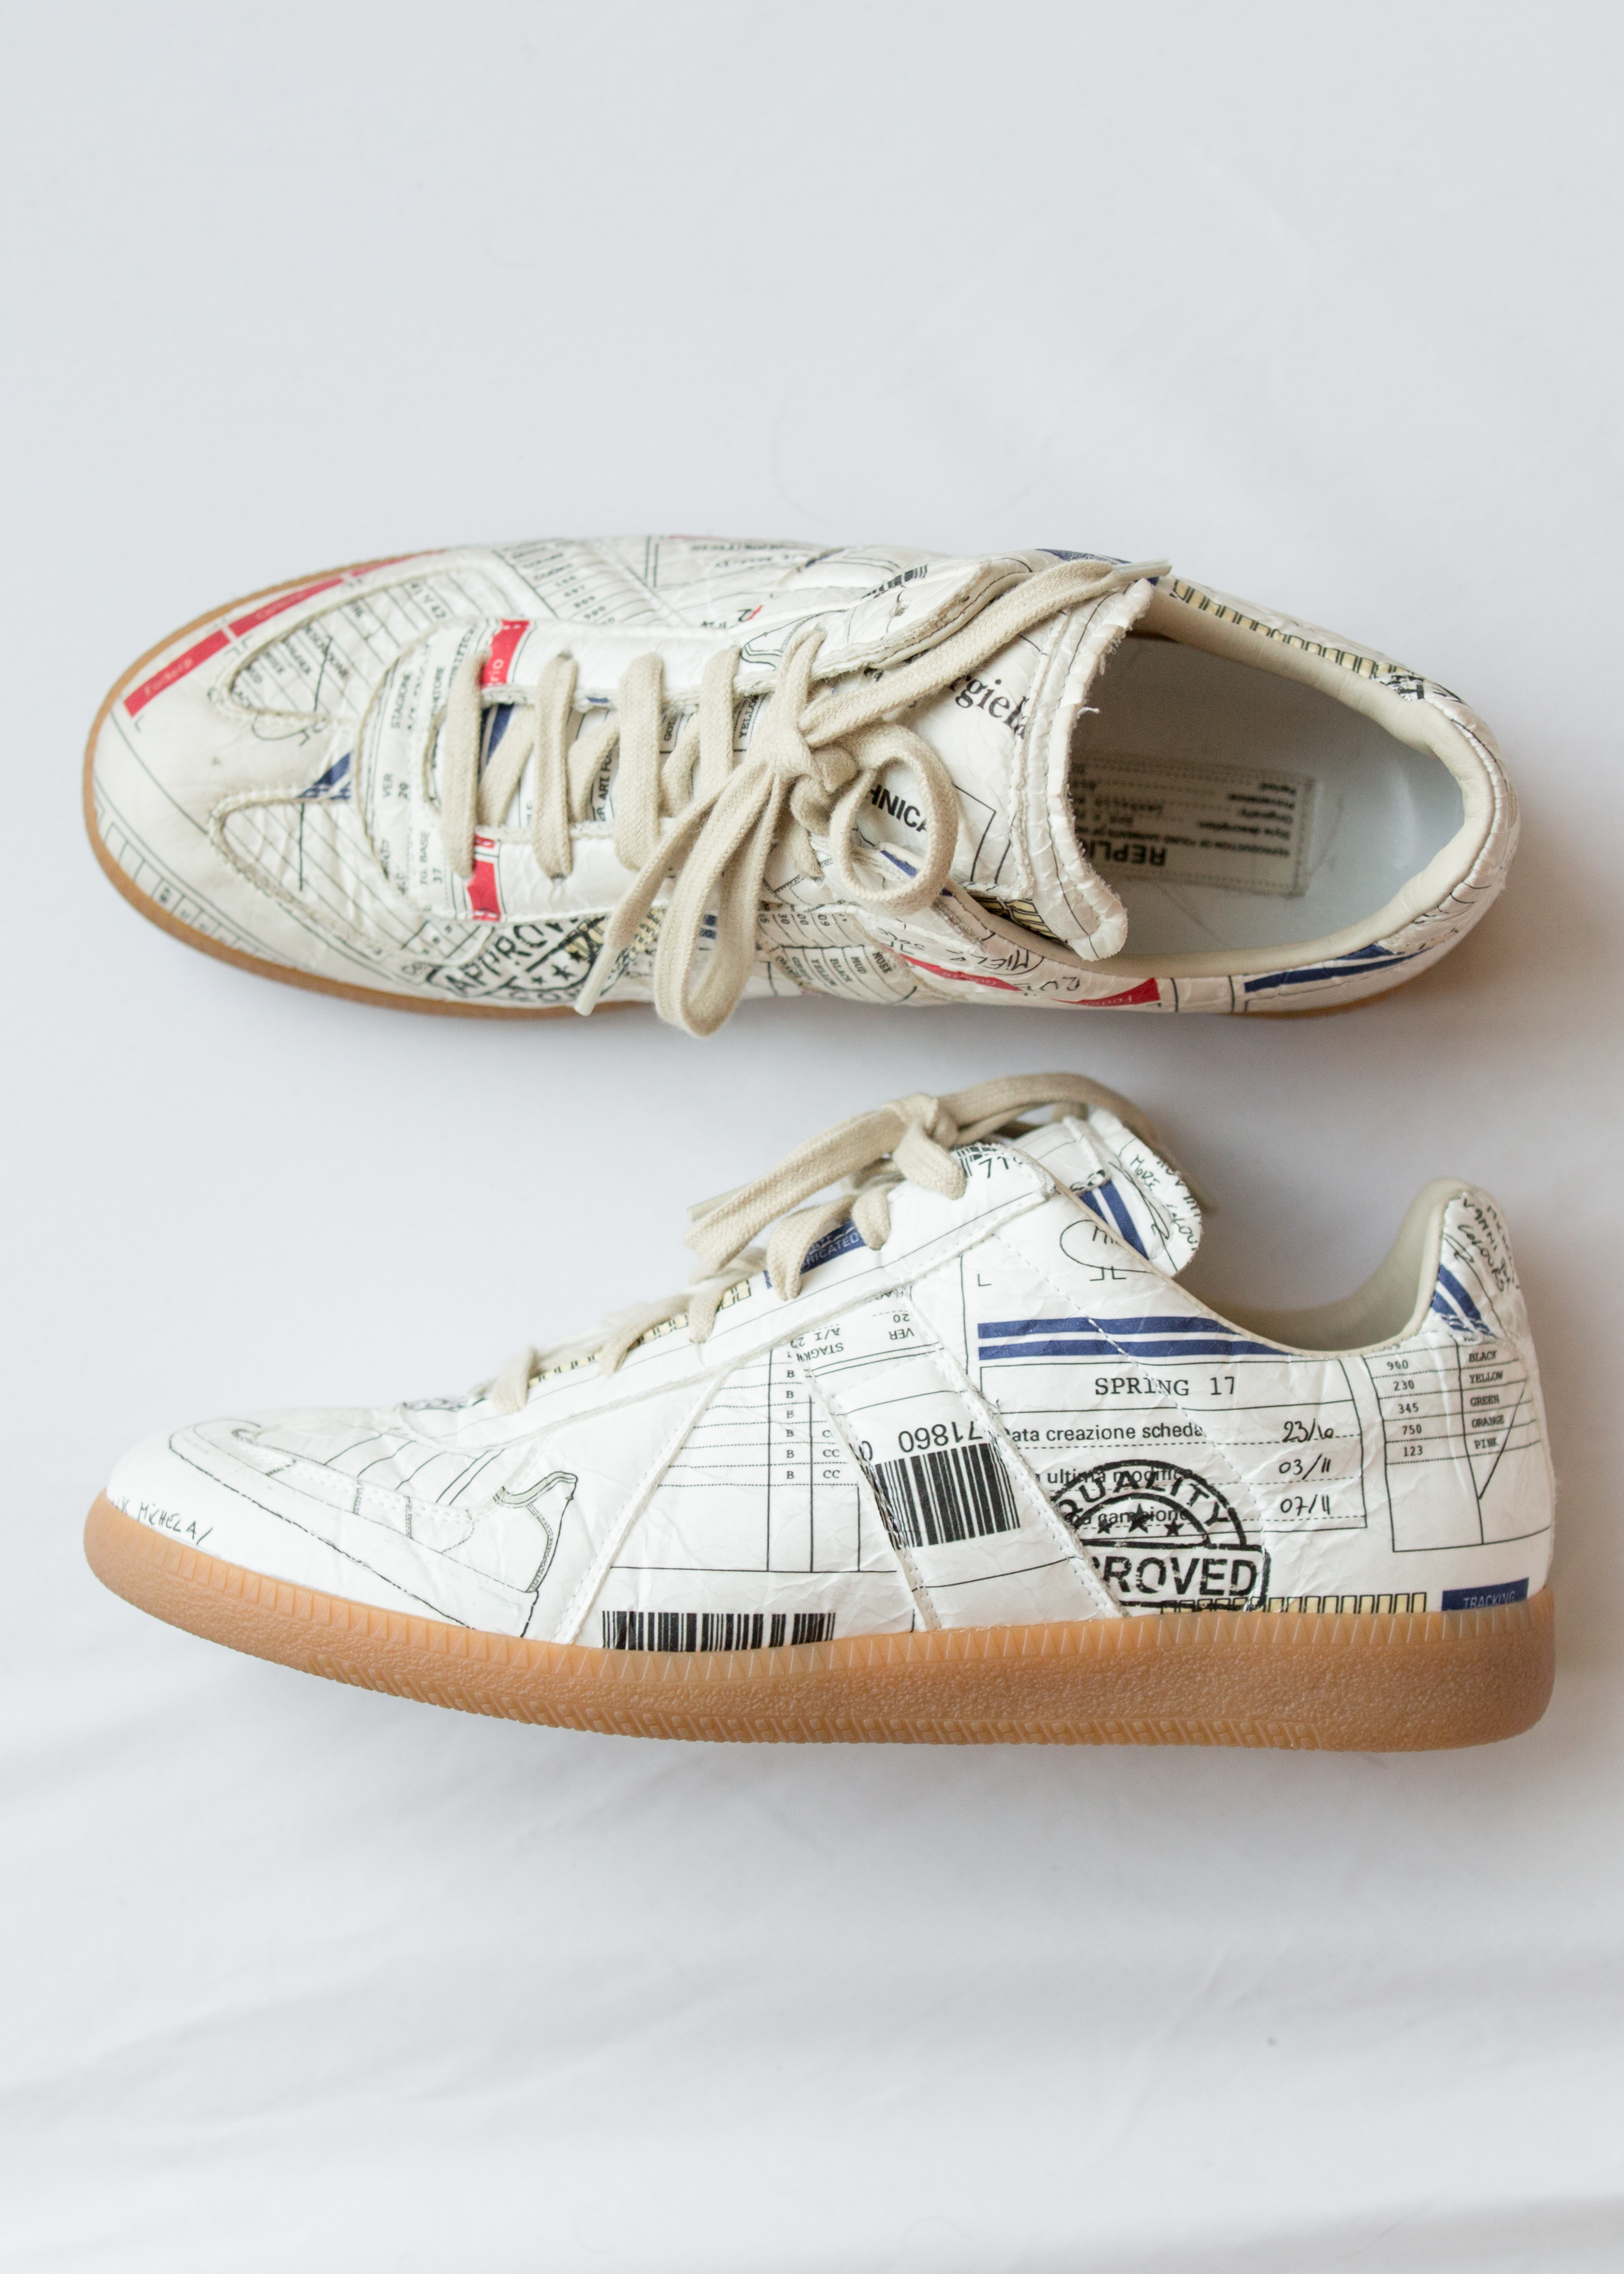 af4e30503193 Maison Margiela Super Rare Logo Replica Sneakers Size 8 - Low-Top ...